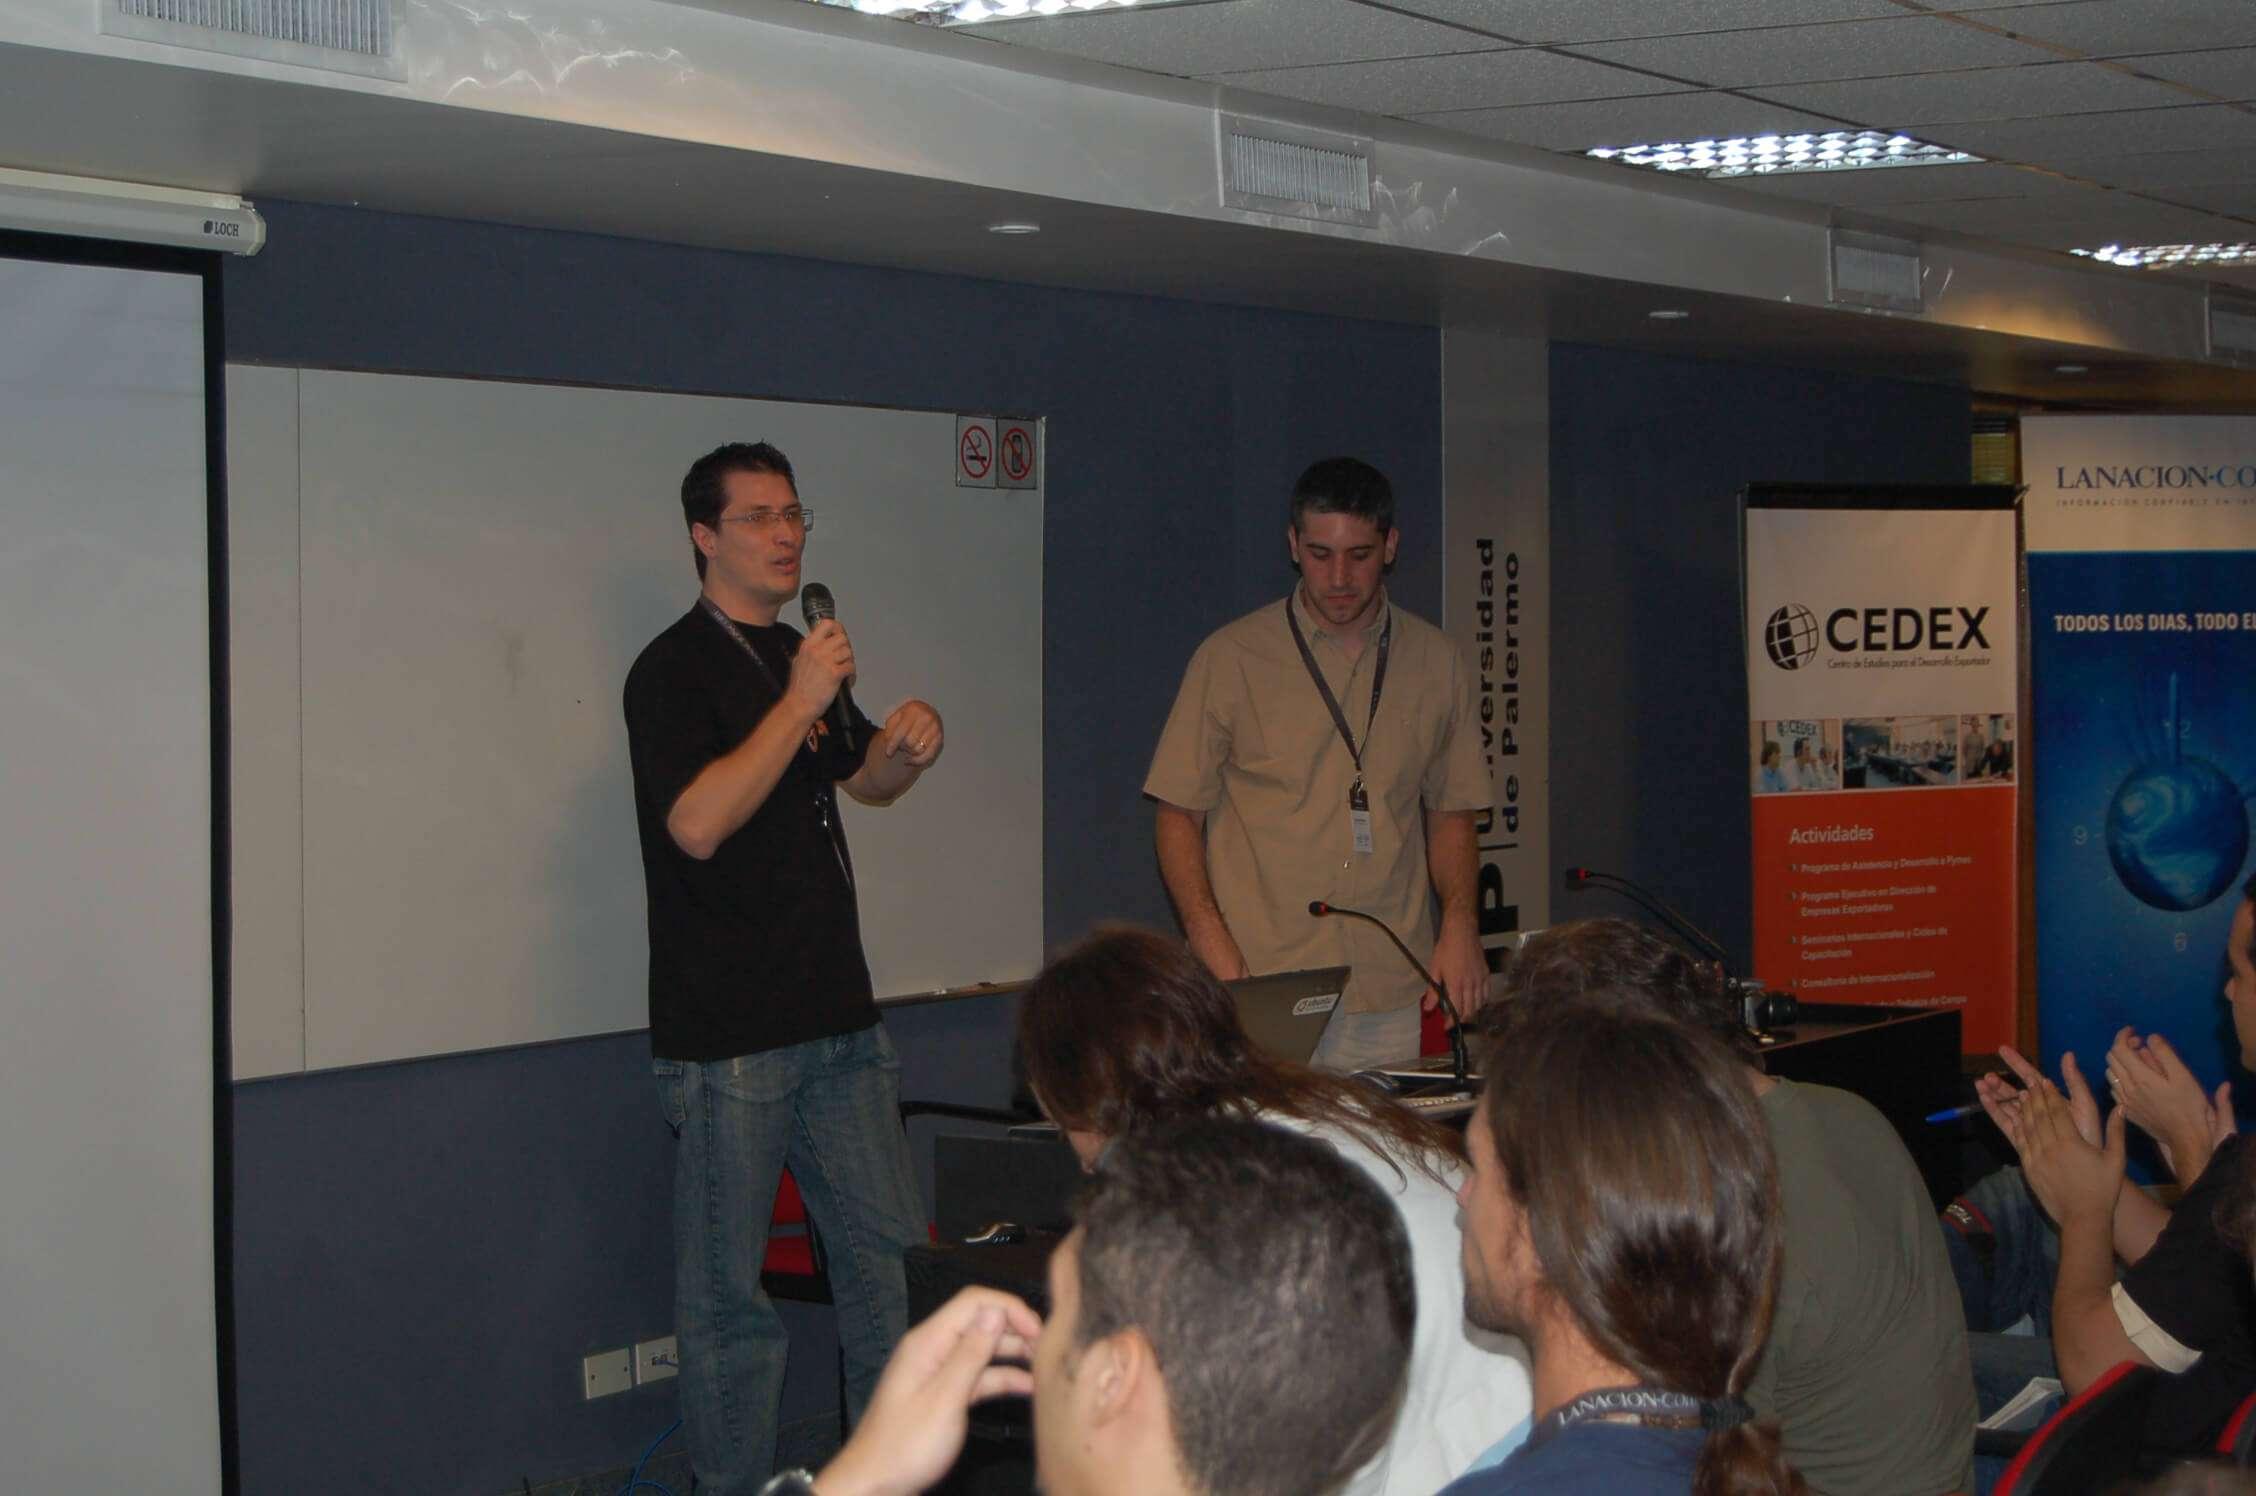 Ismael Briasco y Daniel Nader en la charla Monetizando Blogs